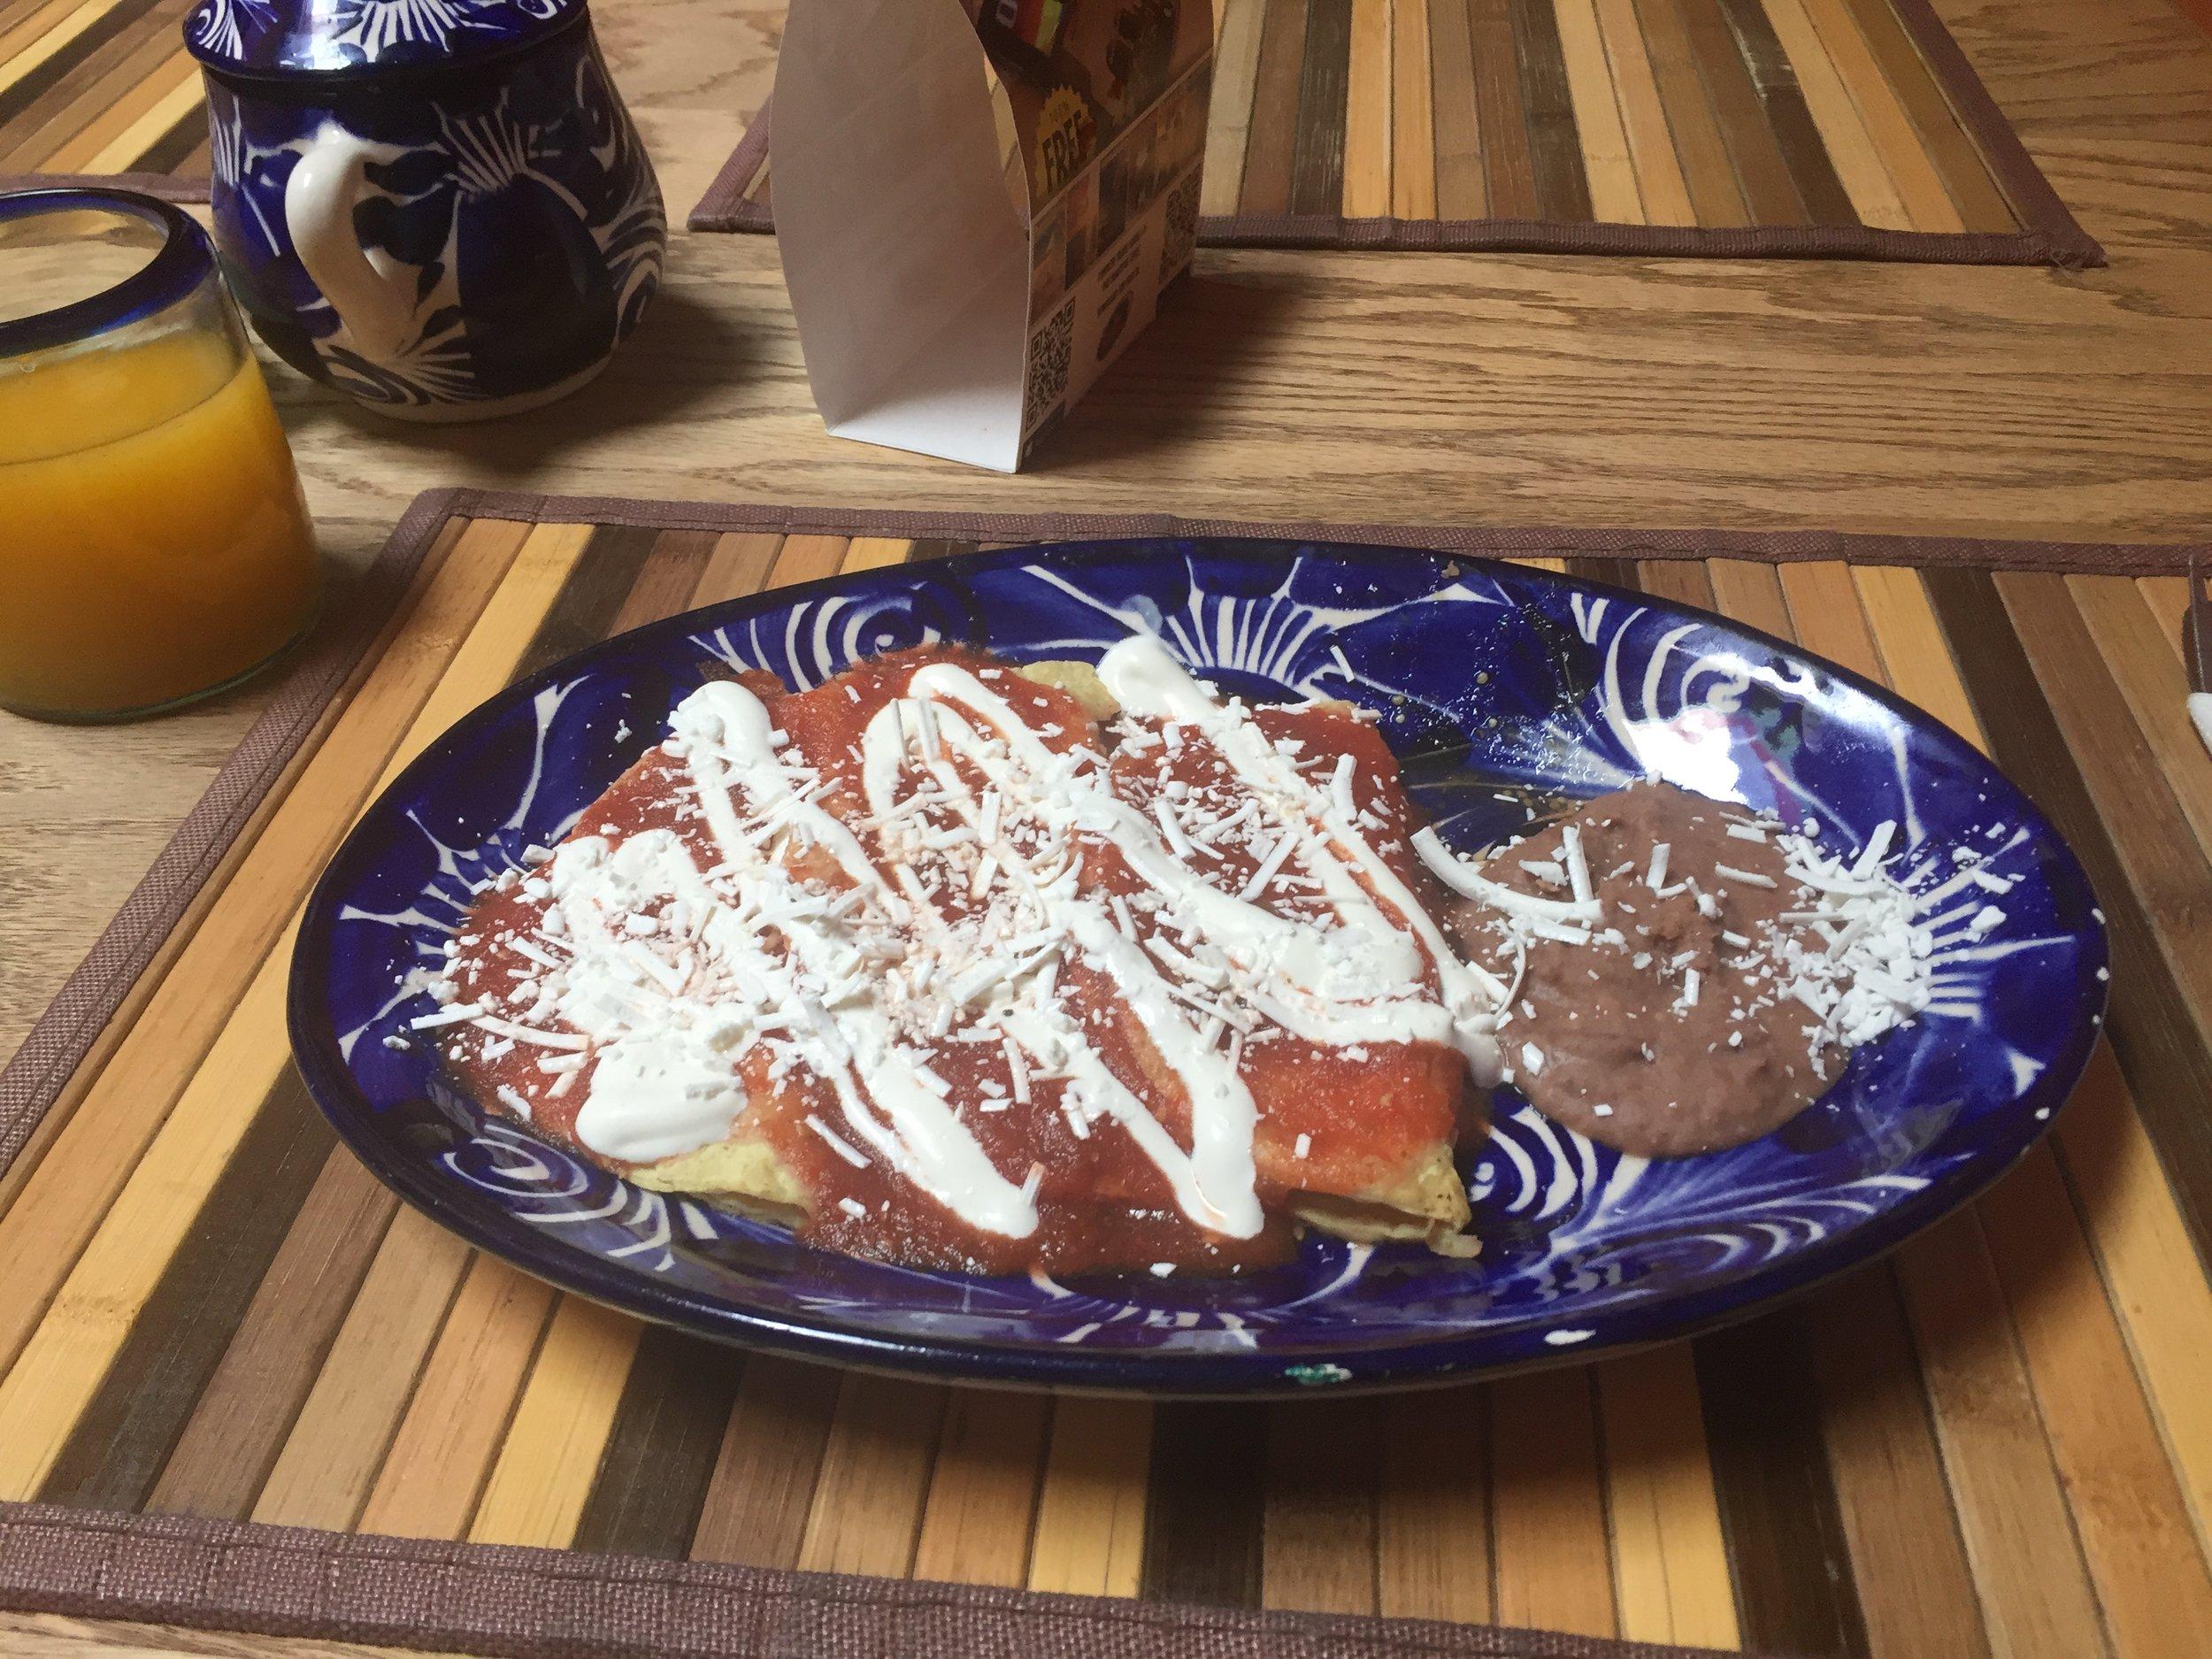 أنشيلاداس روخاس، أحد وجبات الإفطار في المكسيك